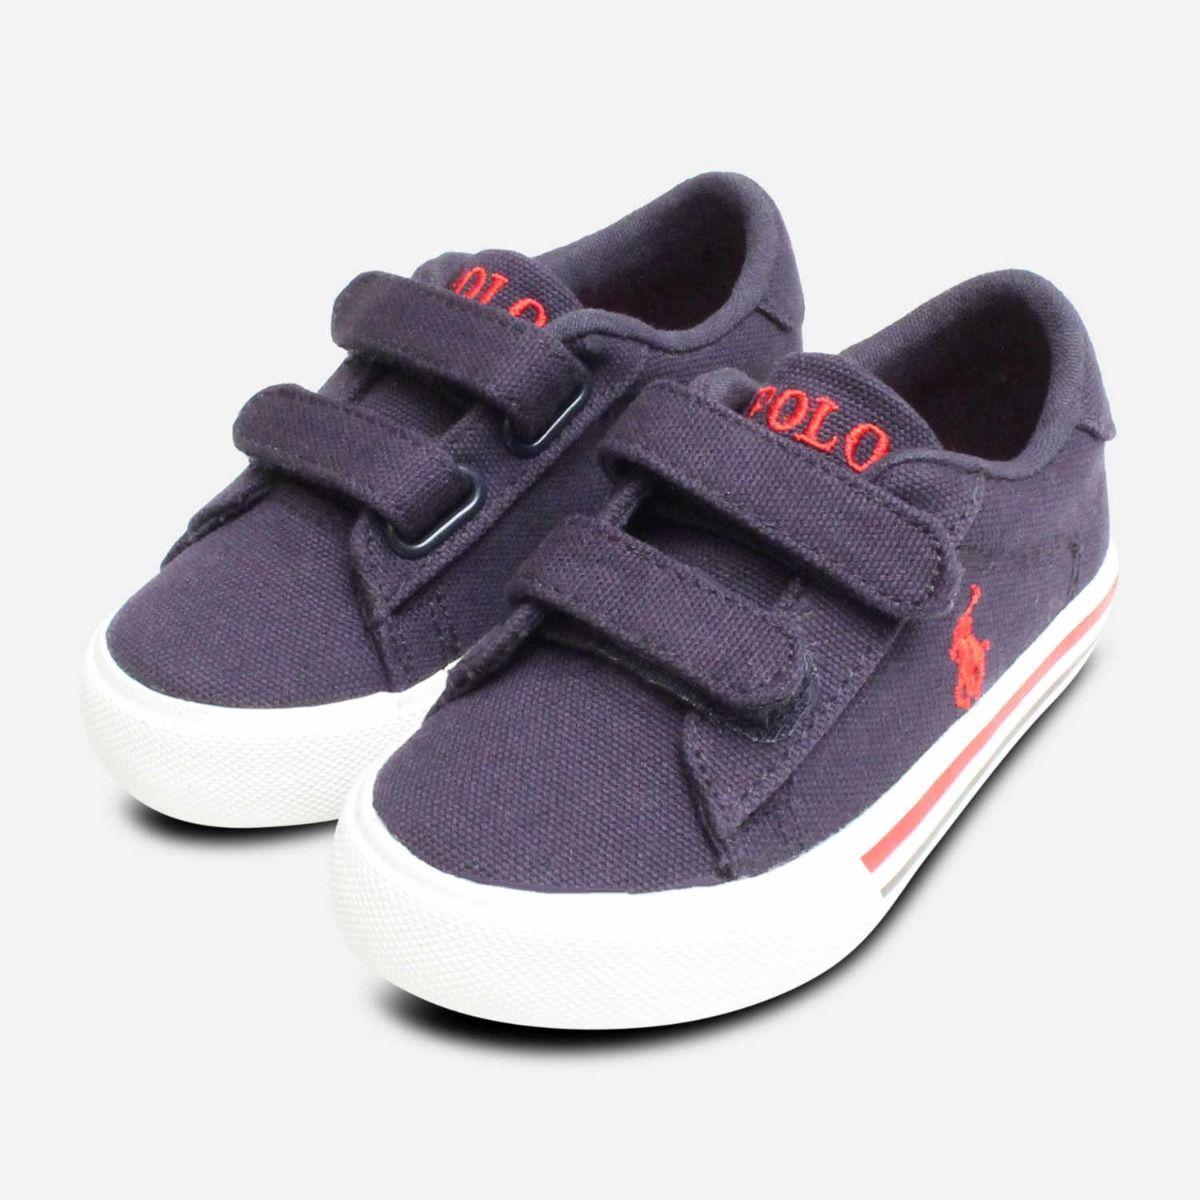 Ralph Lauren Polo Kids Shoes in Navy